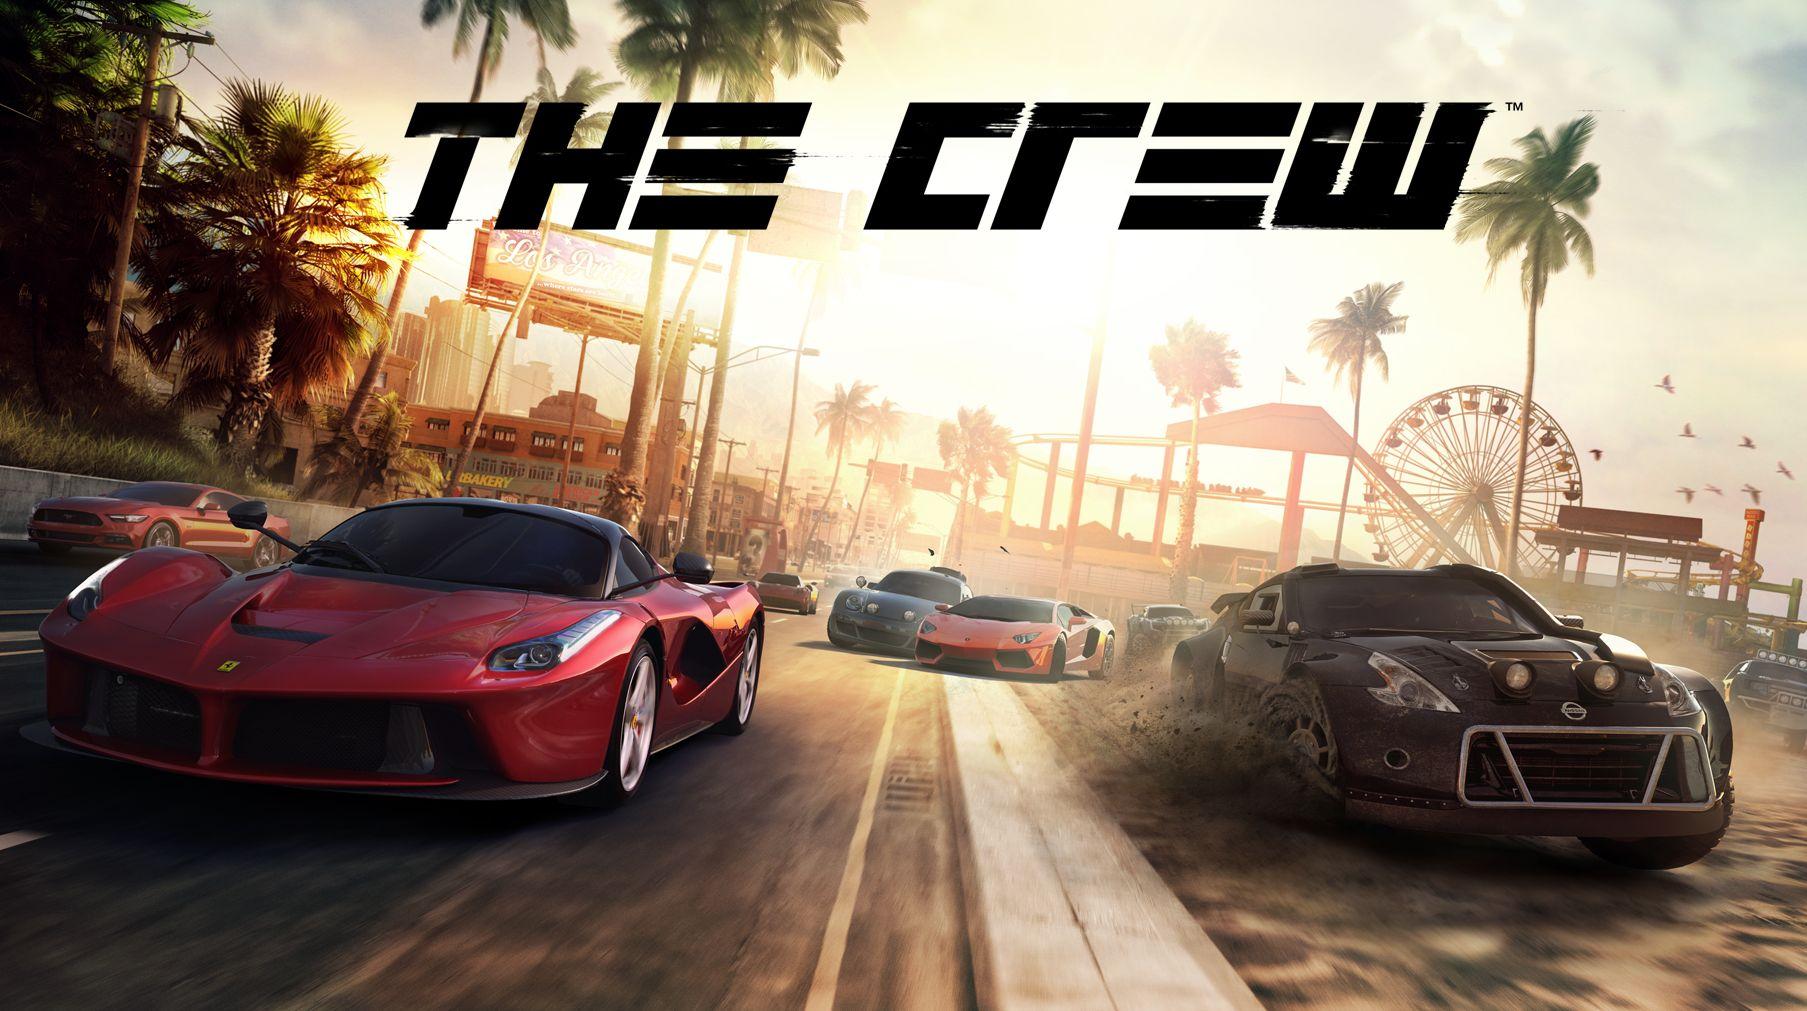 Ingyen Toltheto Le Az Utobbi Evek Legjobb Autoversenye A The Crew